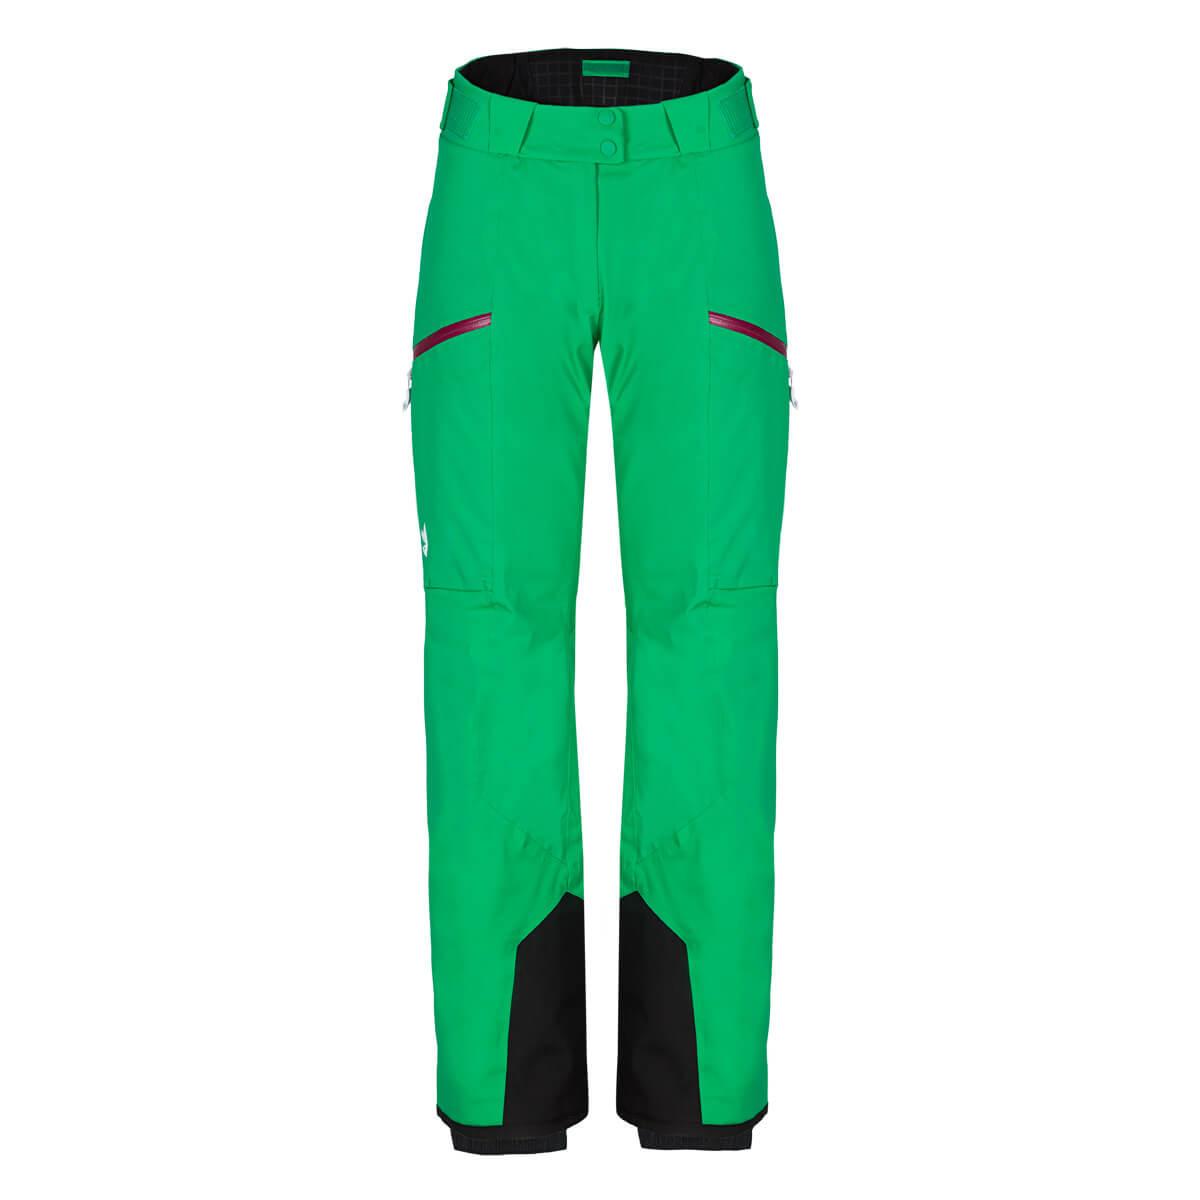 Dámske lyžiarske nohavice Zajo Civetta W Pants Bright Green - veľkosť S